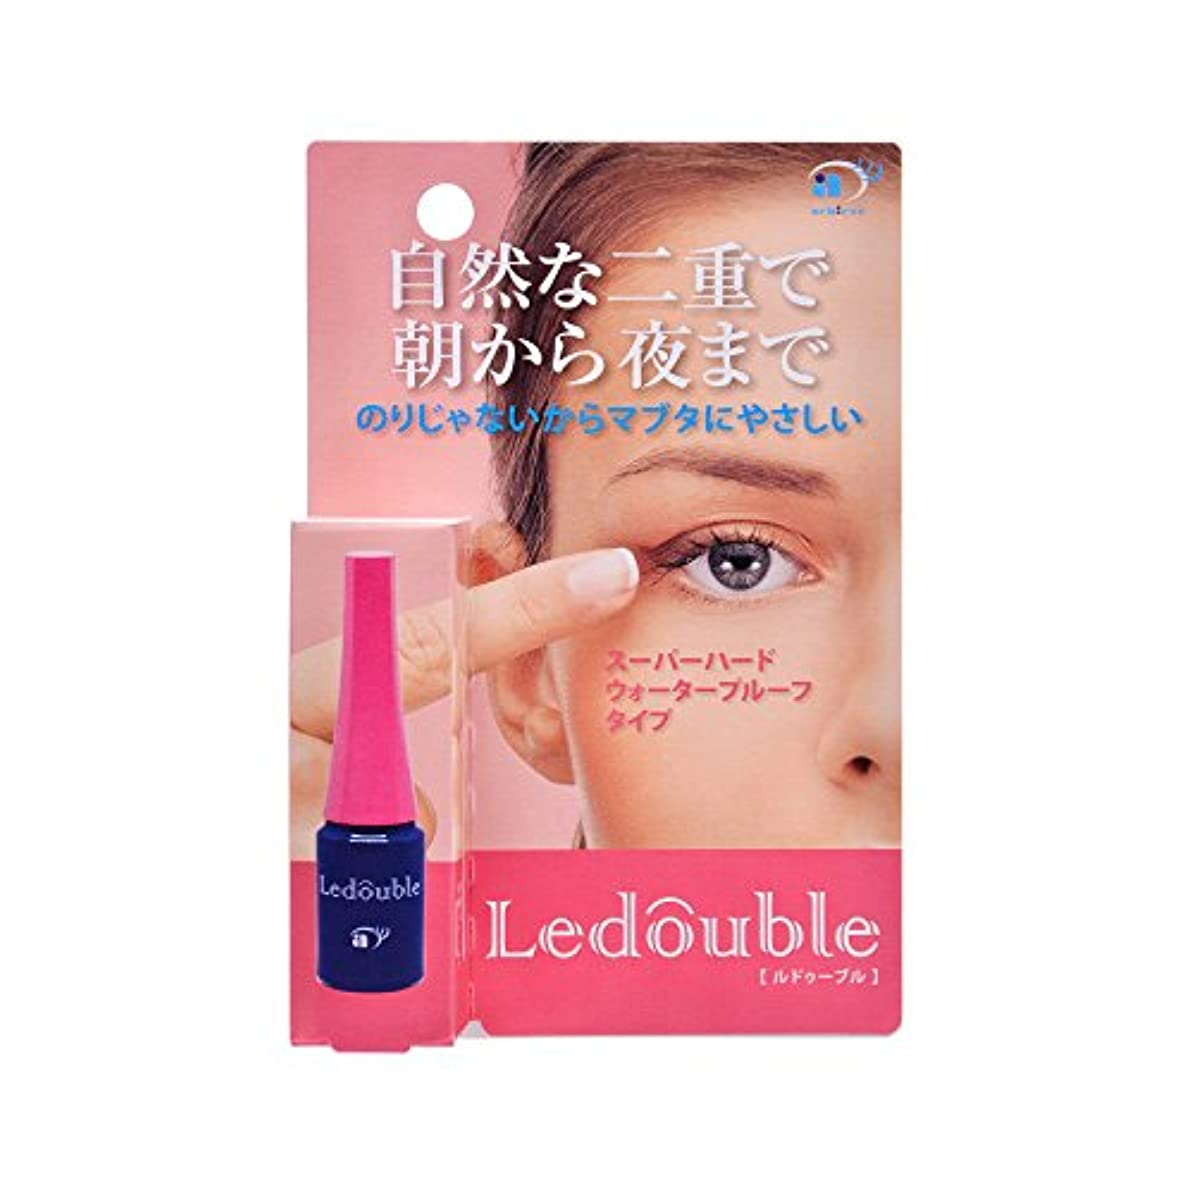 髄プット北極圏Ledouble [ルドゥーブル] 二重まぶた化粧品 (2mL)